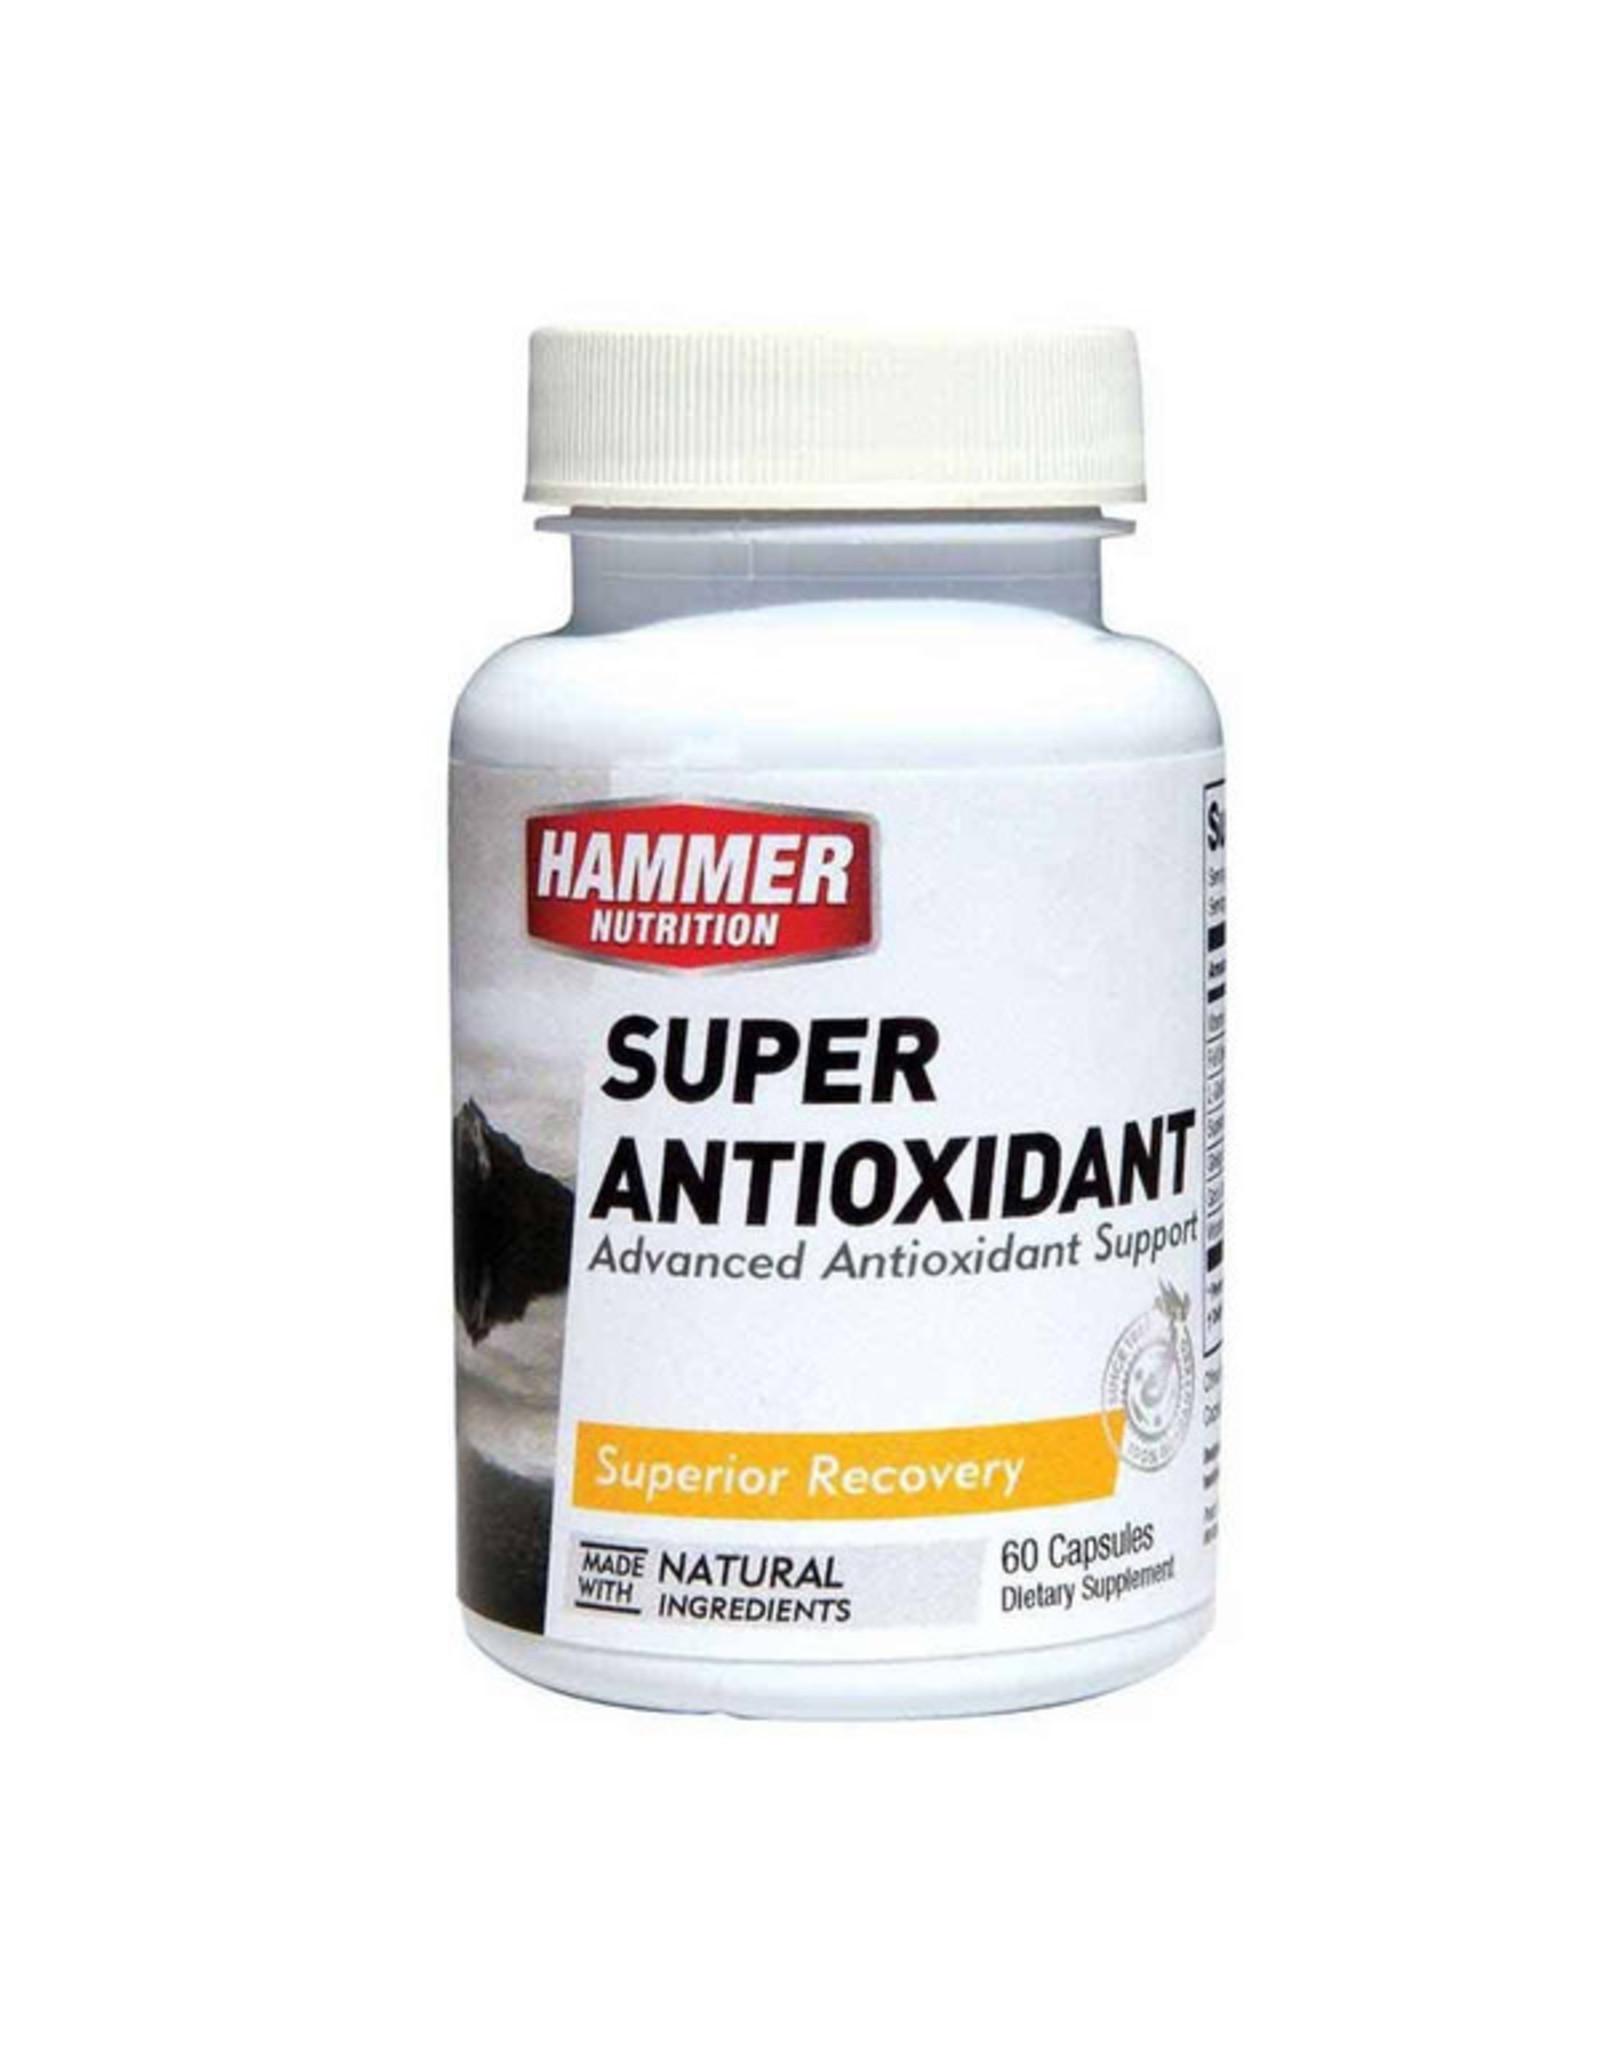 Hammer Nutrition Hammer Nutrition Super Antioxidant (60 Cap)